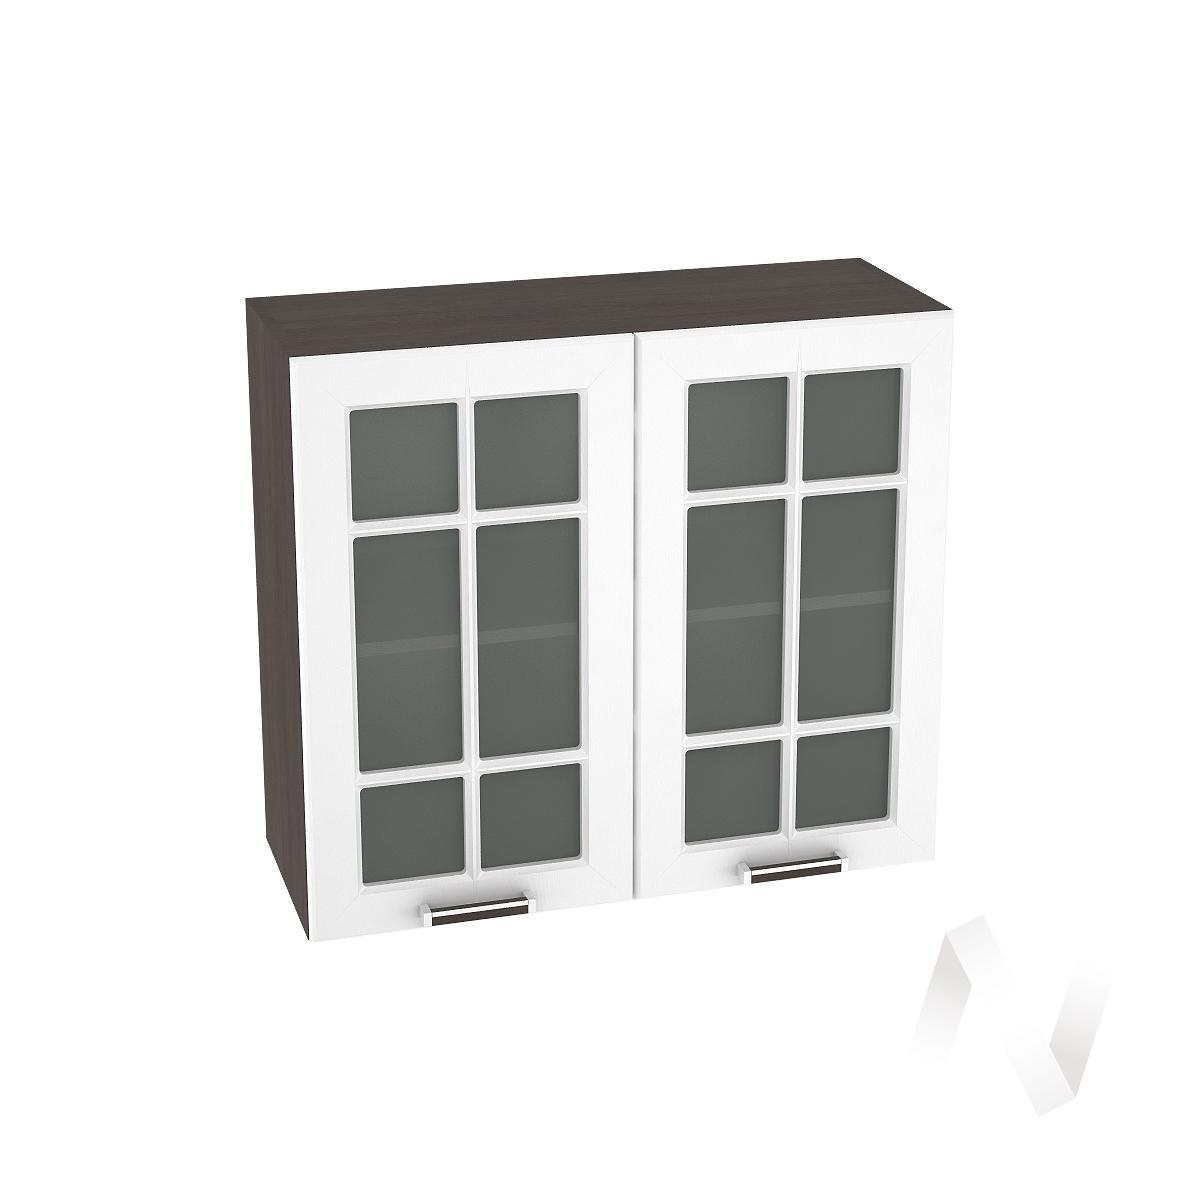 """Кухня """"Прага"""": Шкаф верхний со стеклом 800, ШВС 800 (белое дерево/корпус венге) в Новосибирске в интернет-магазине мебели kuhnya54.ru"""